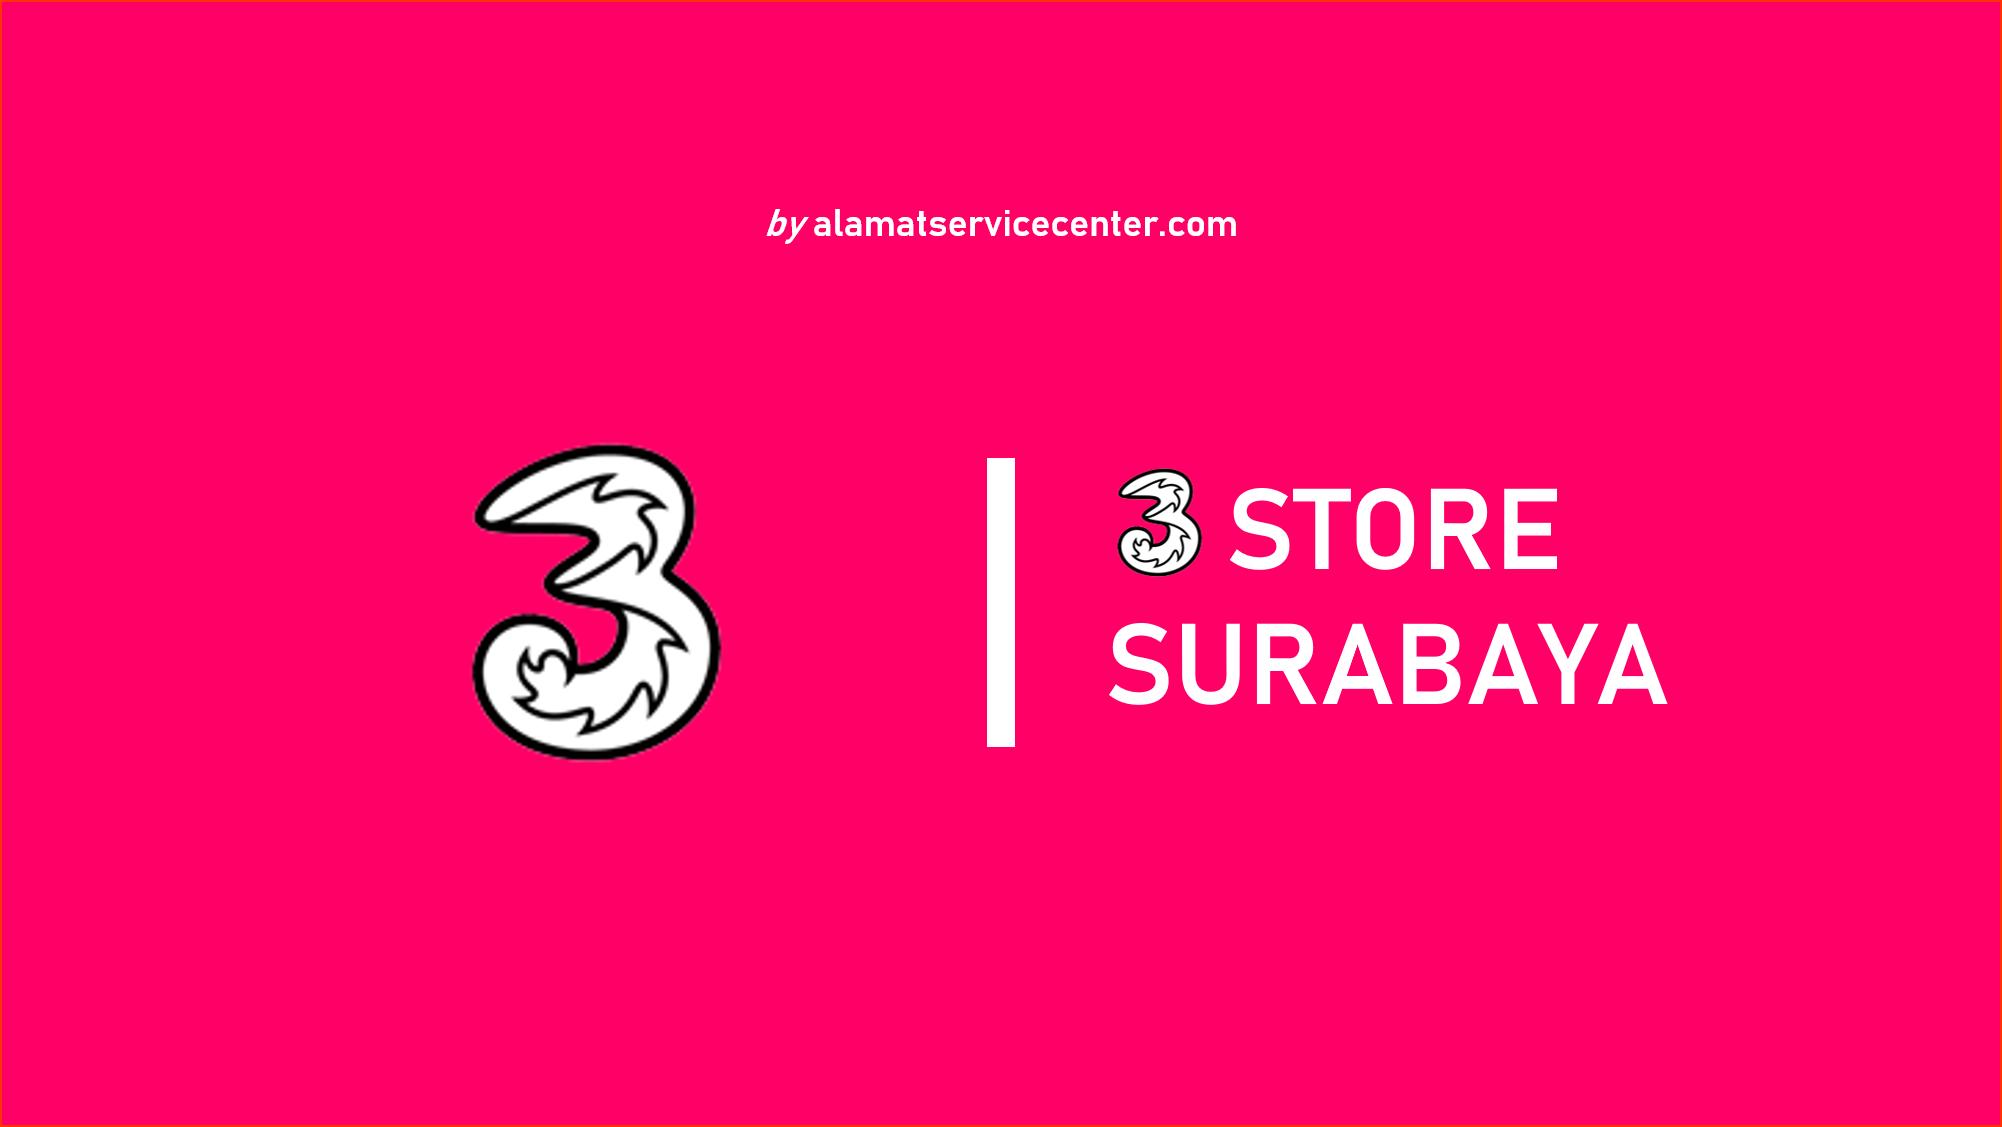 3 Store Surabaya